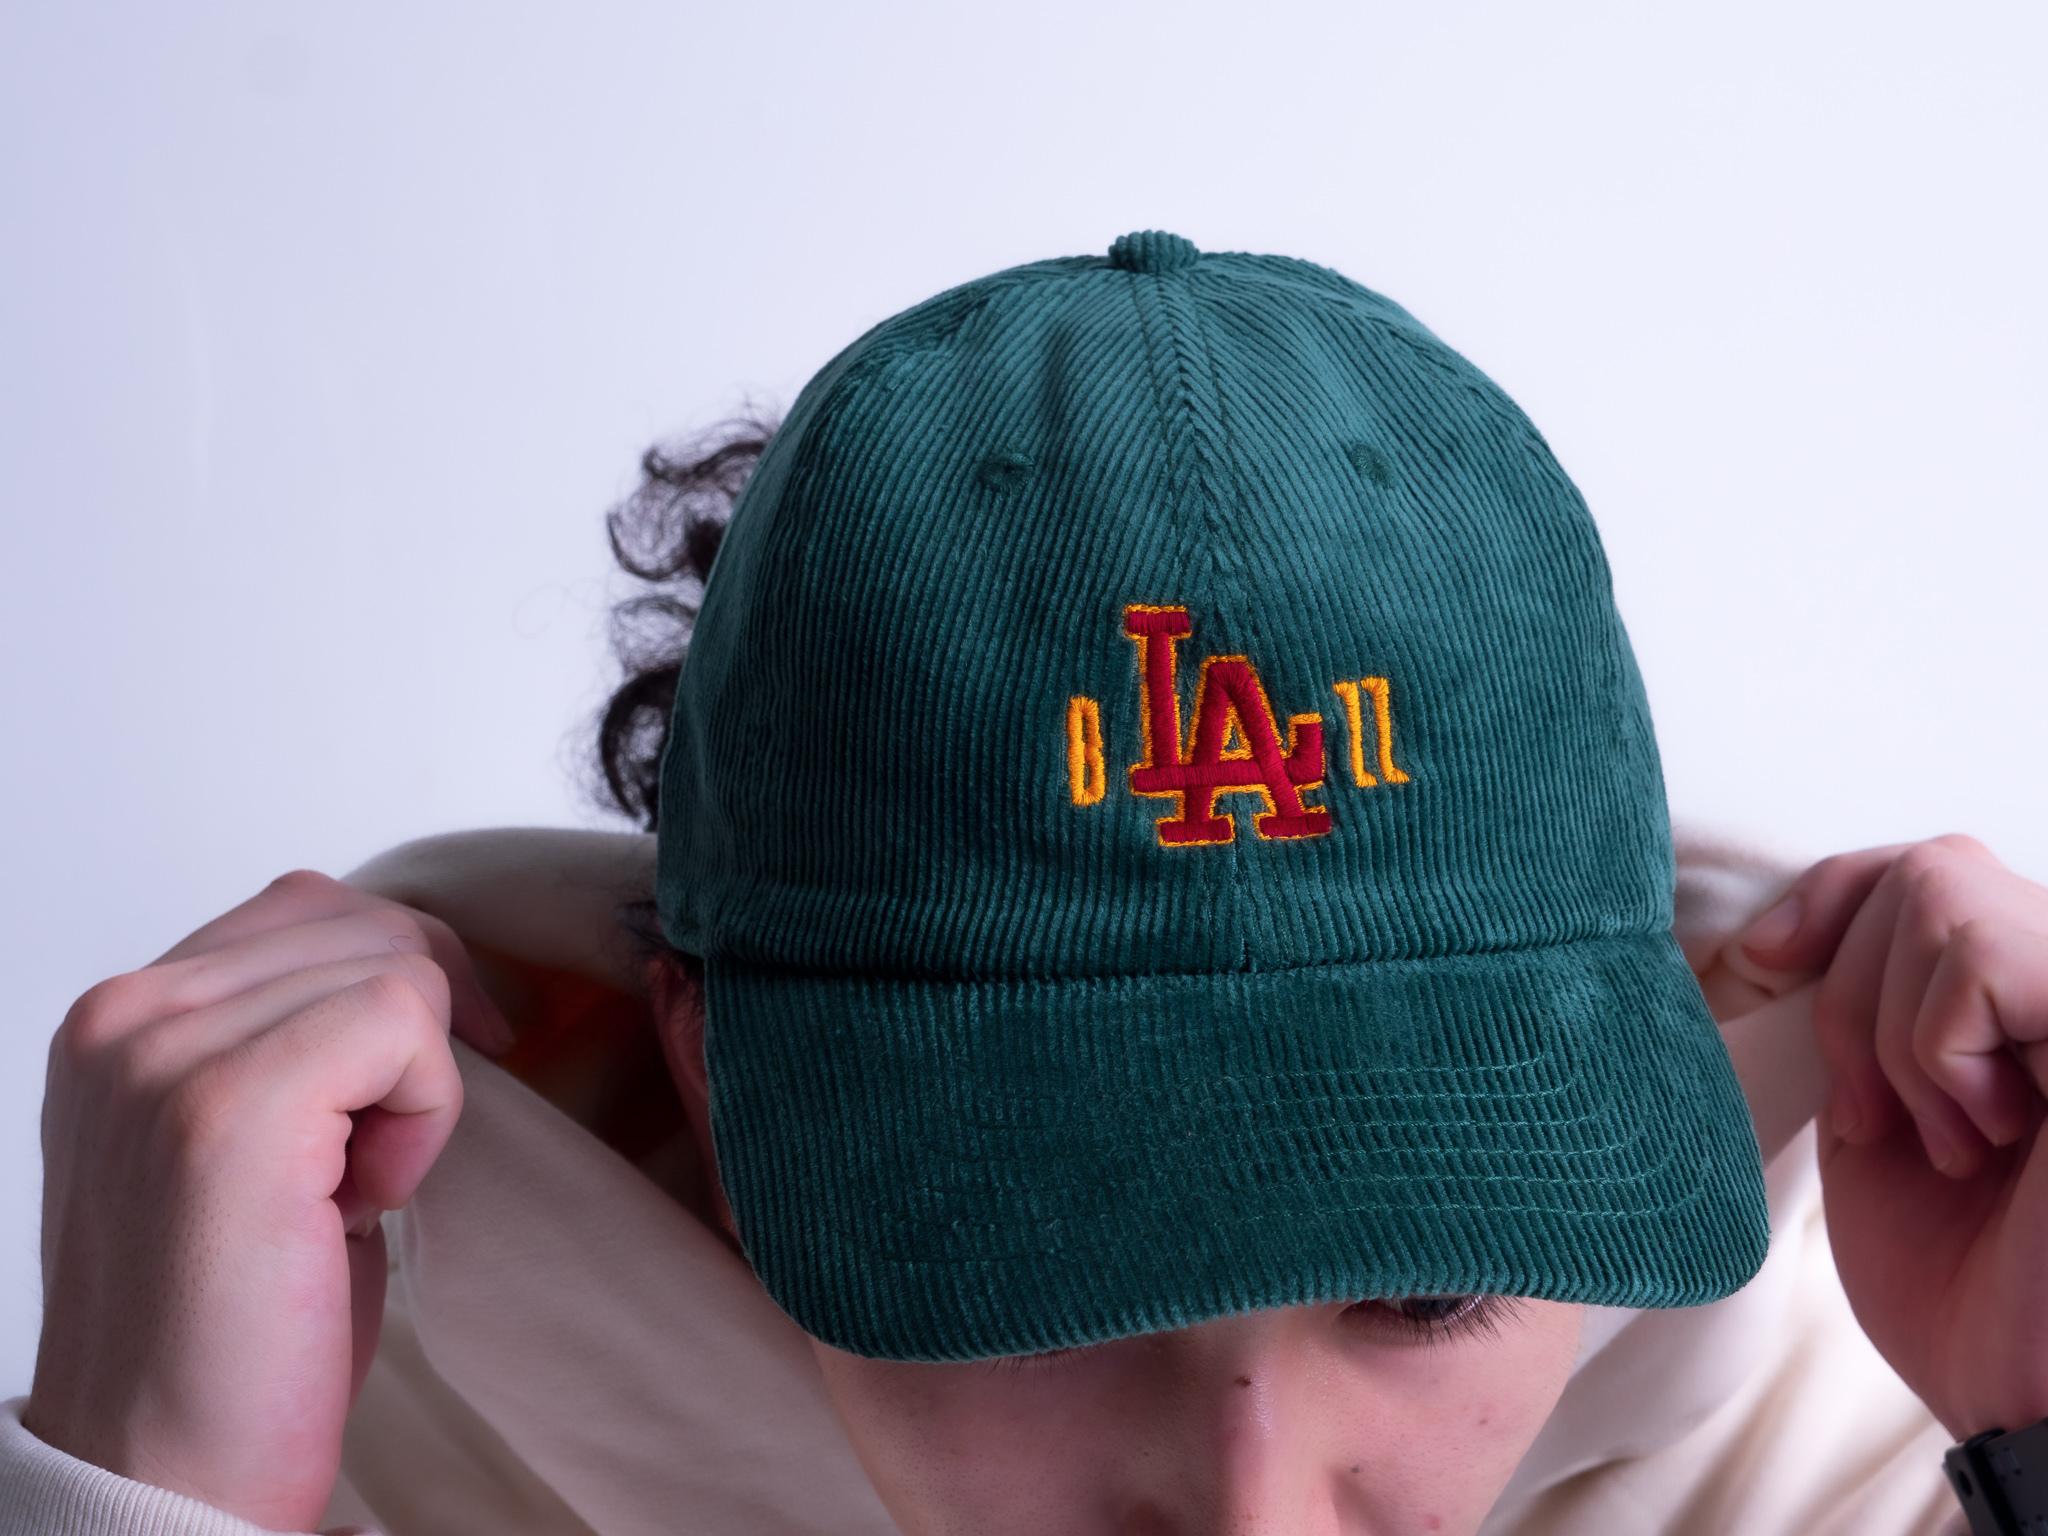 b'LA'zz Corduroy Cap [GREEN]